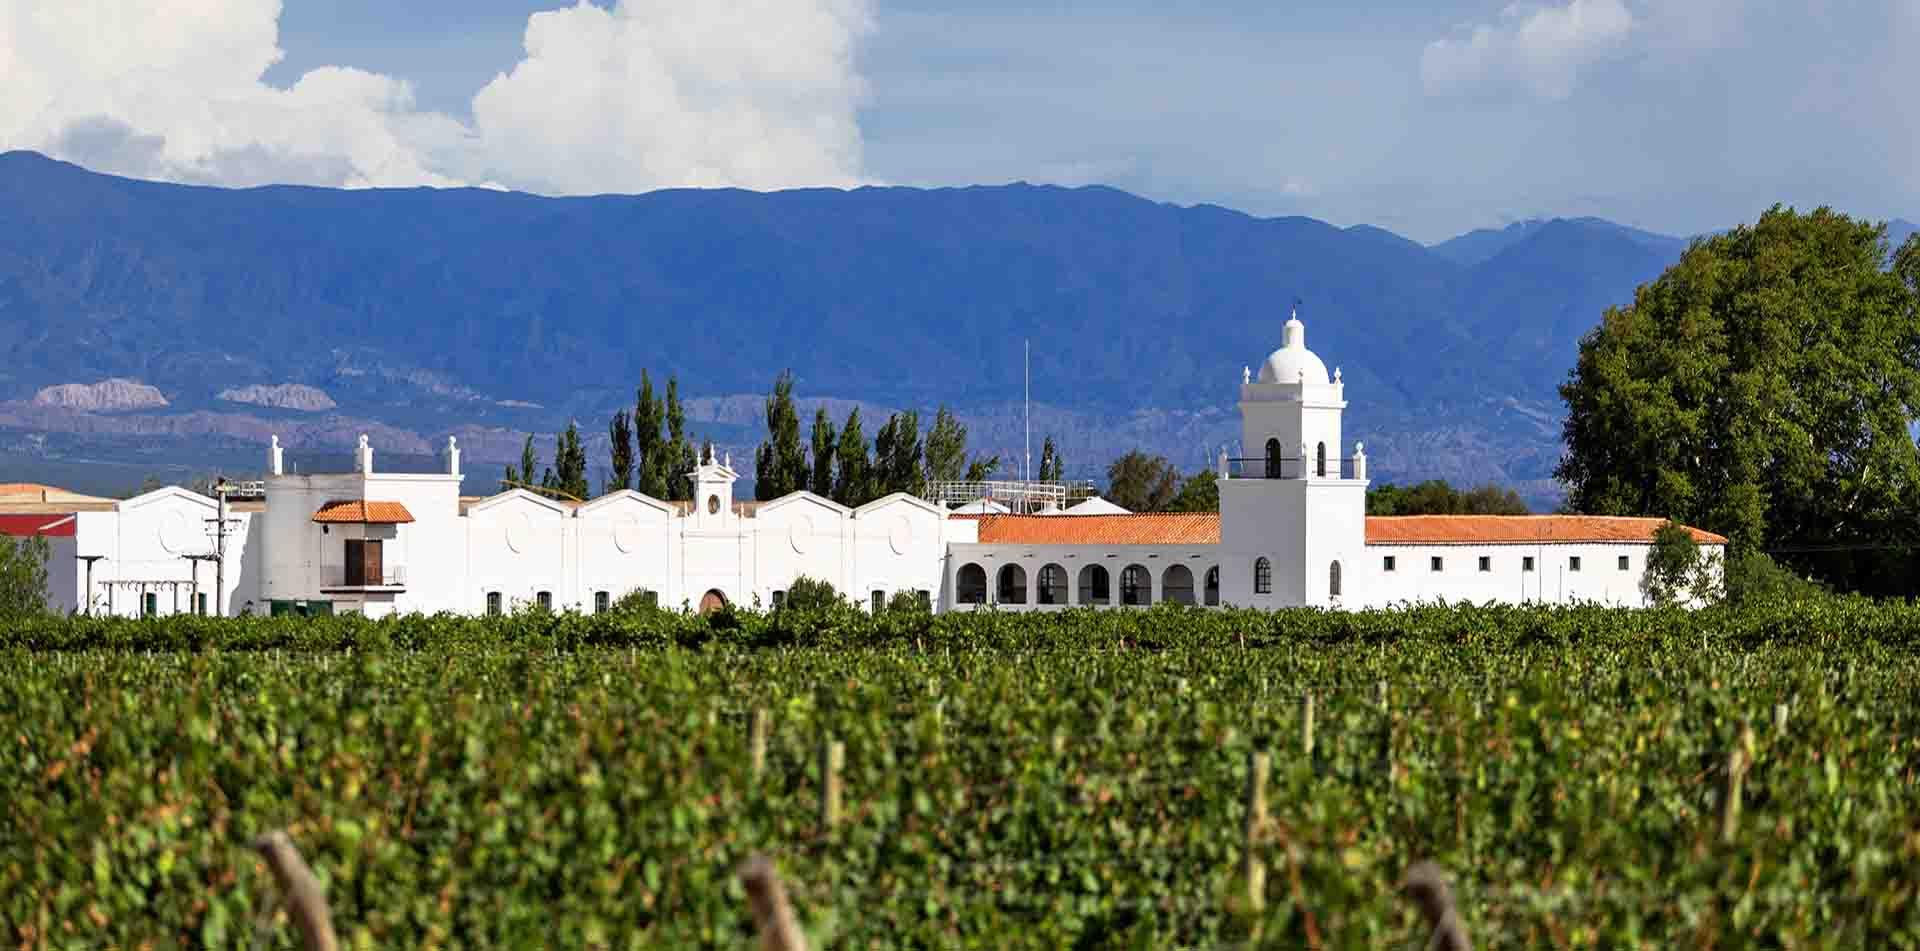 Vineyard in Argentina Wine District